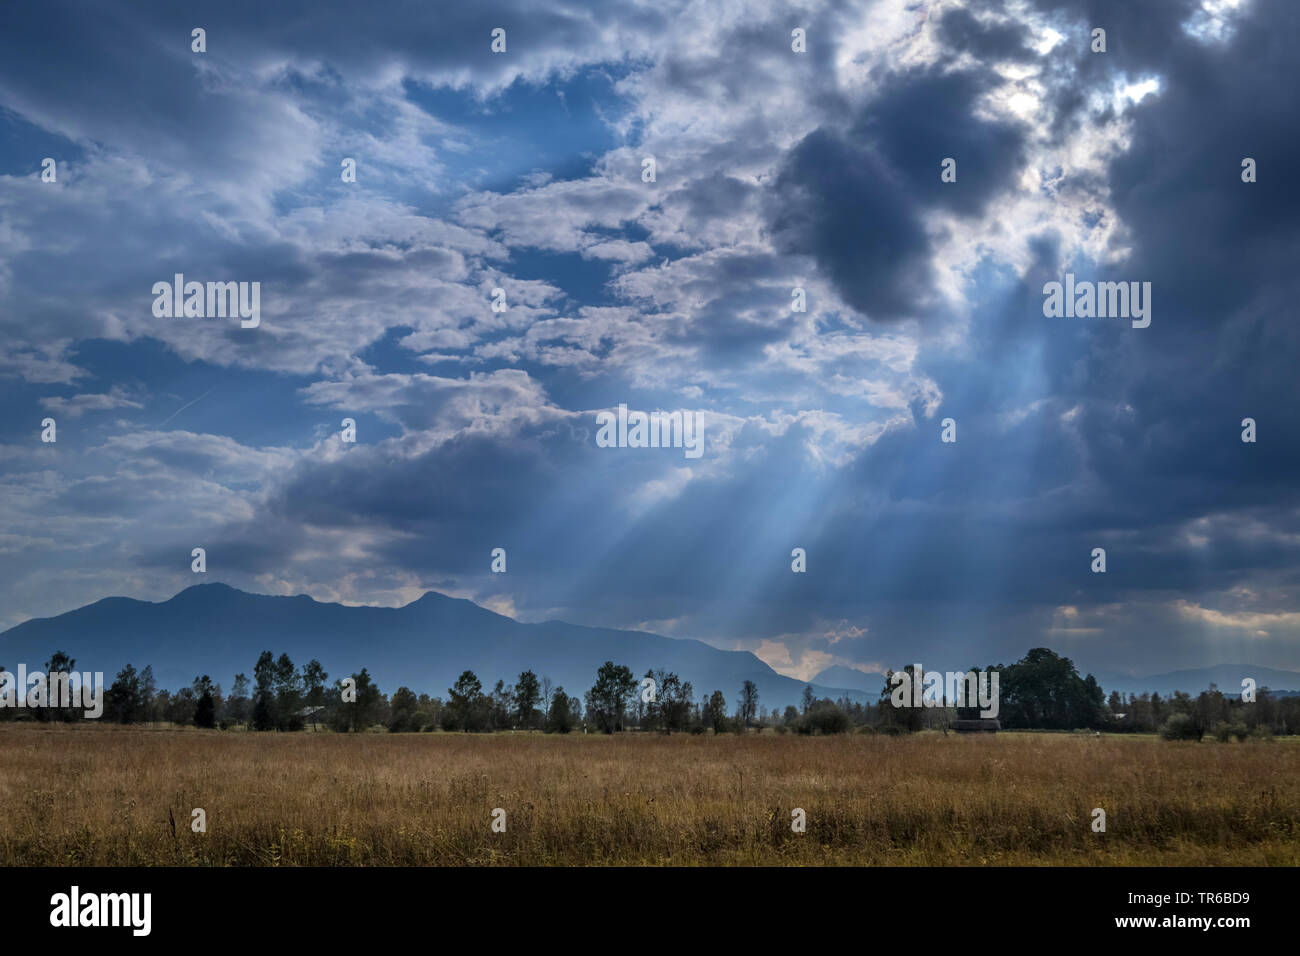 Sonnenstrahlen durchbrechen Wolken, Deutschland, Bayern, Benediktbeuern | sunbeams breaking through clouds, Germany, Bavaria, Benediktbeuern | BLWS479 - Stock Image